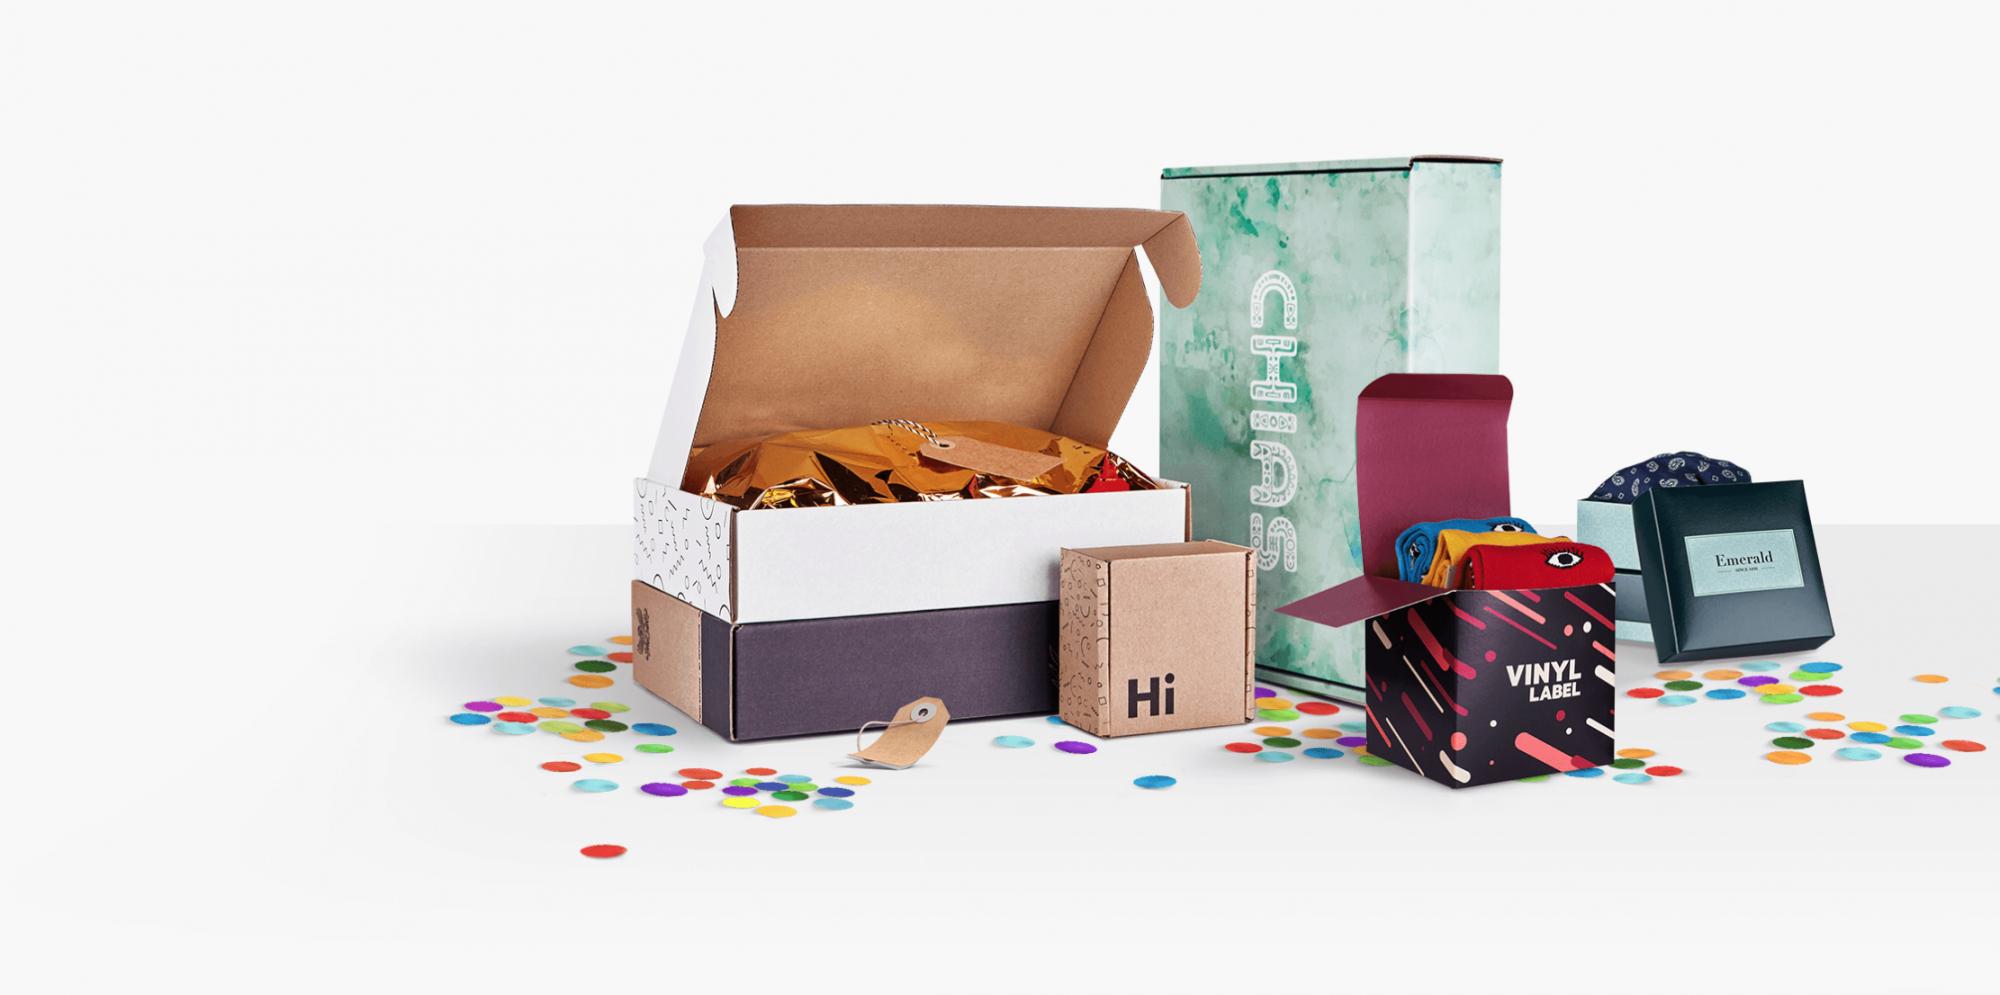 357fe6283a77 Díky tomuto startupu si můžete online navrhnout vlastní originální krabice  pro váš produkt